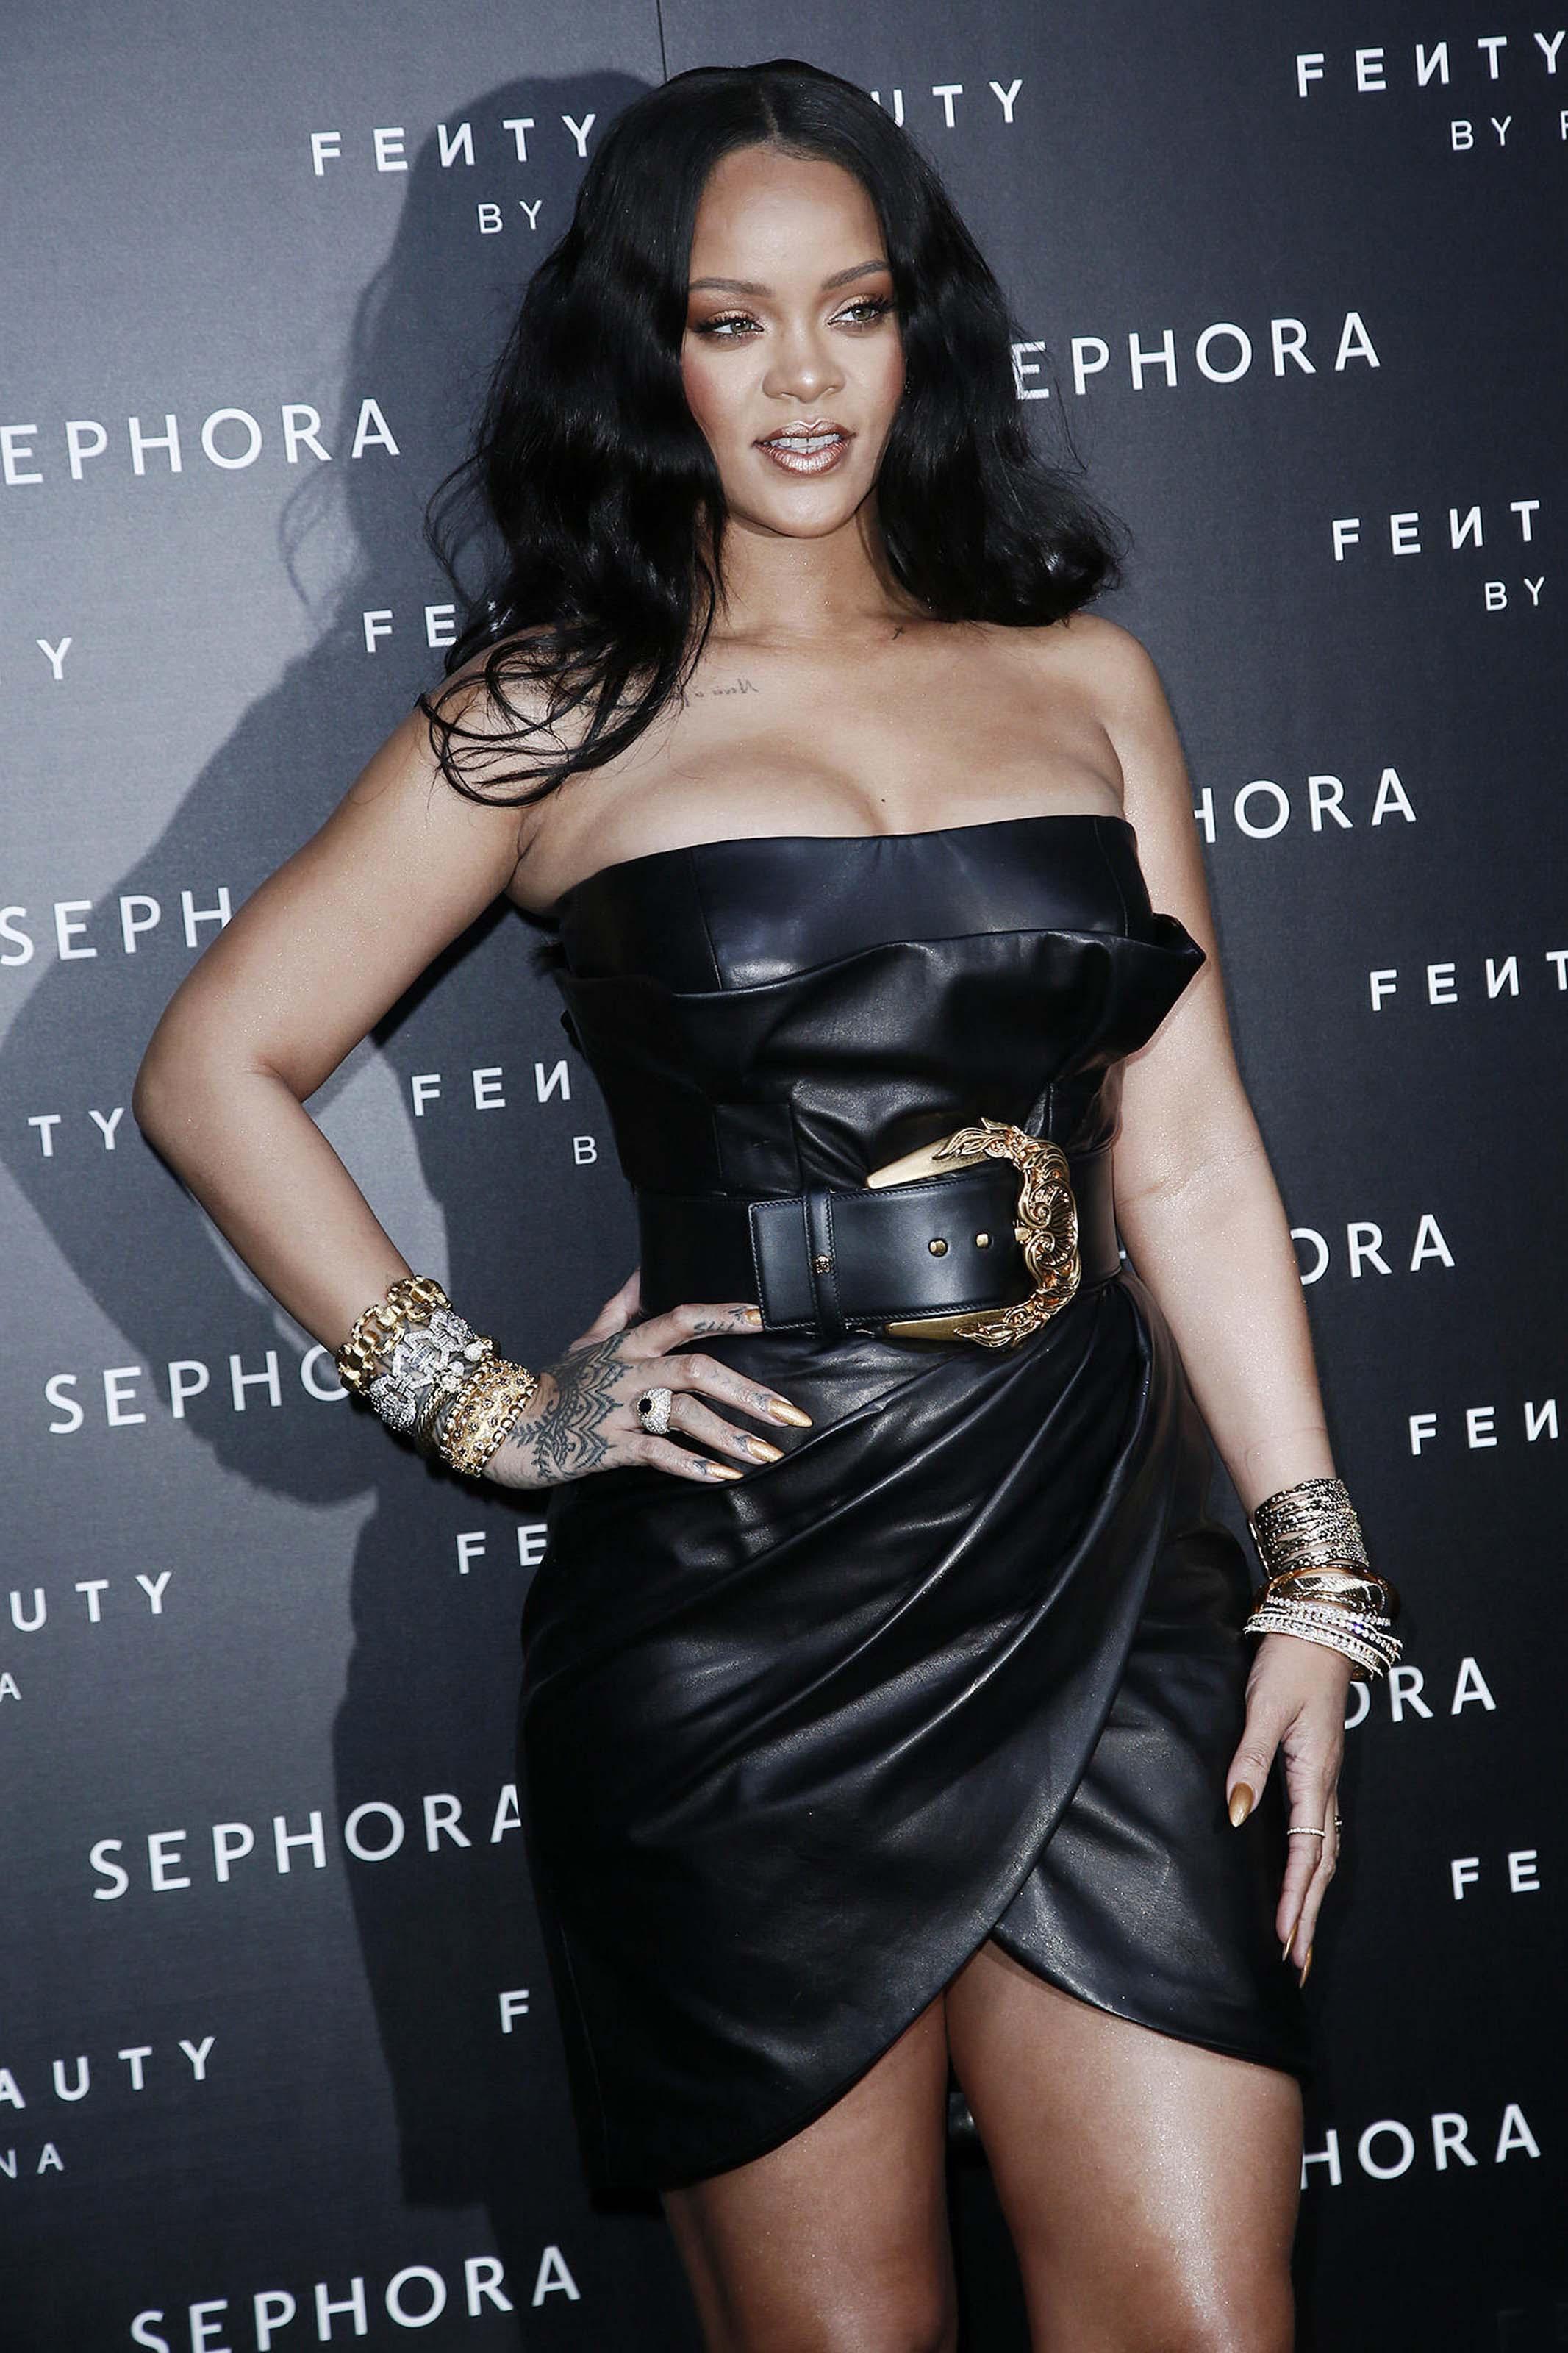 Rihanna attends Fenty by Rihanna makeup launch